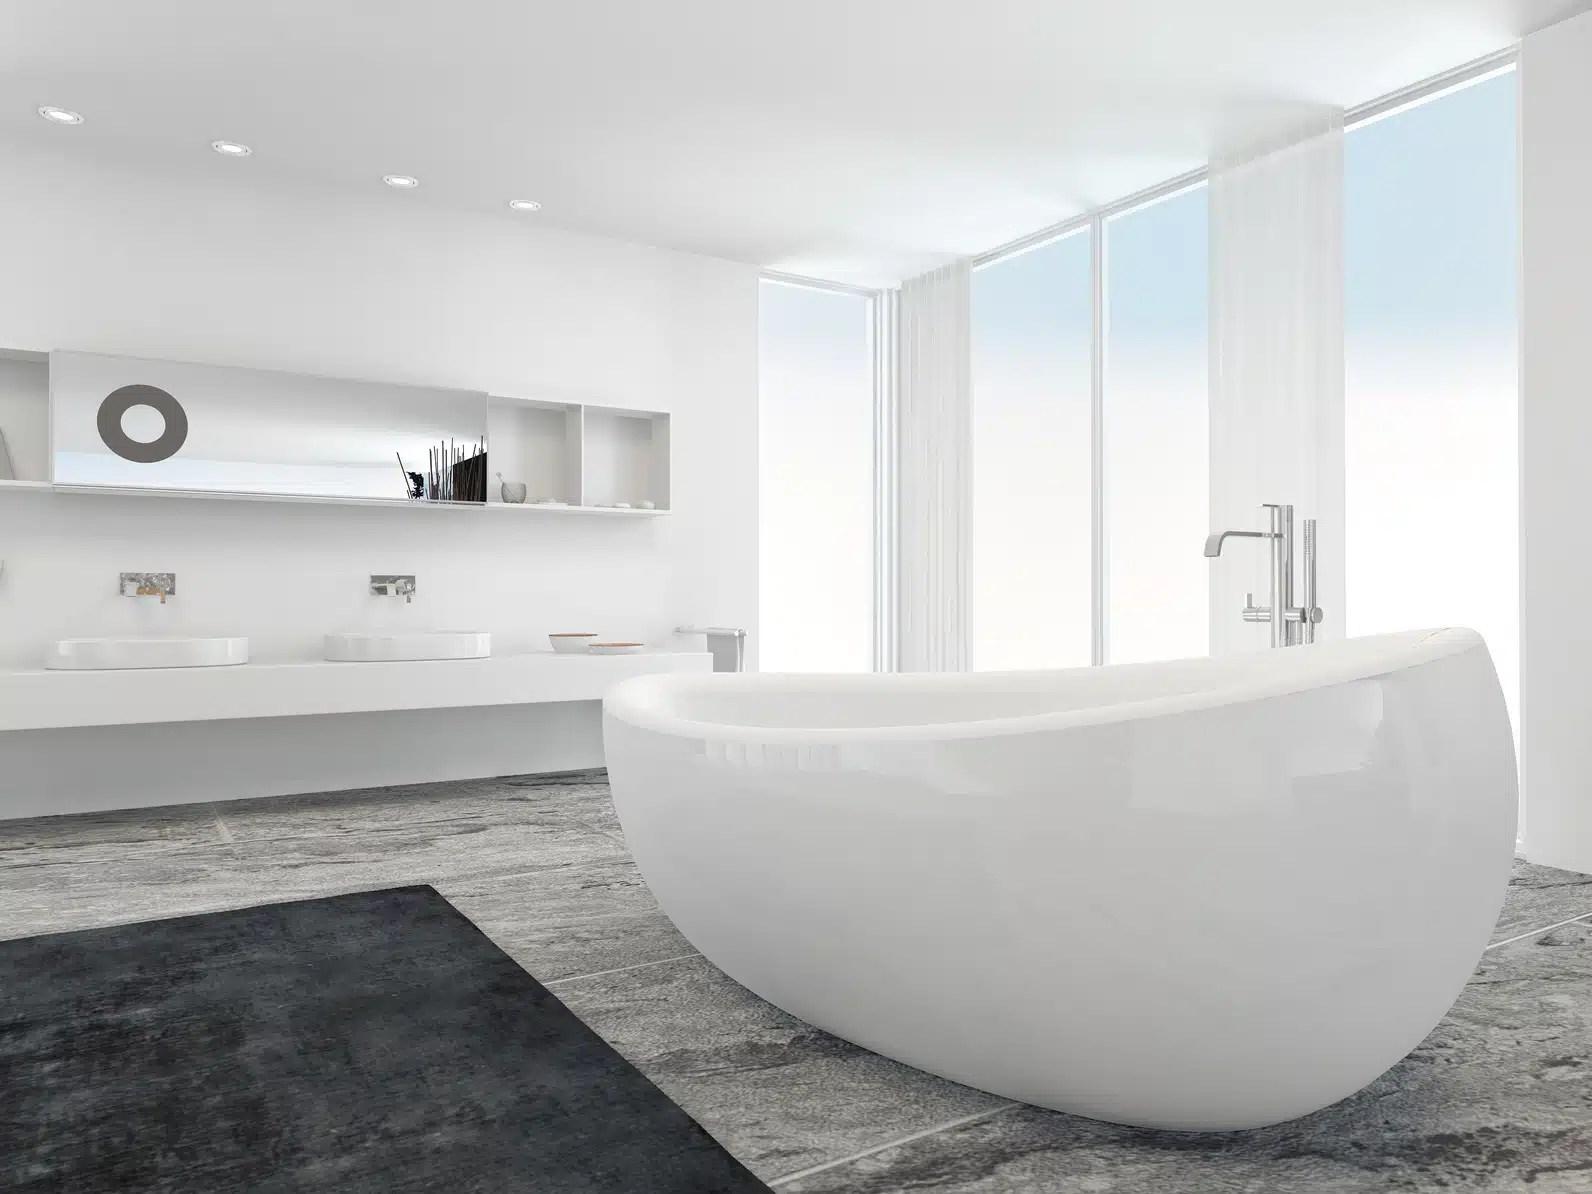 prix d une baignoire et de sa pose les tarifs et devis